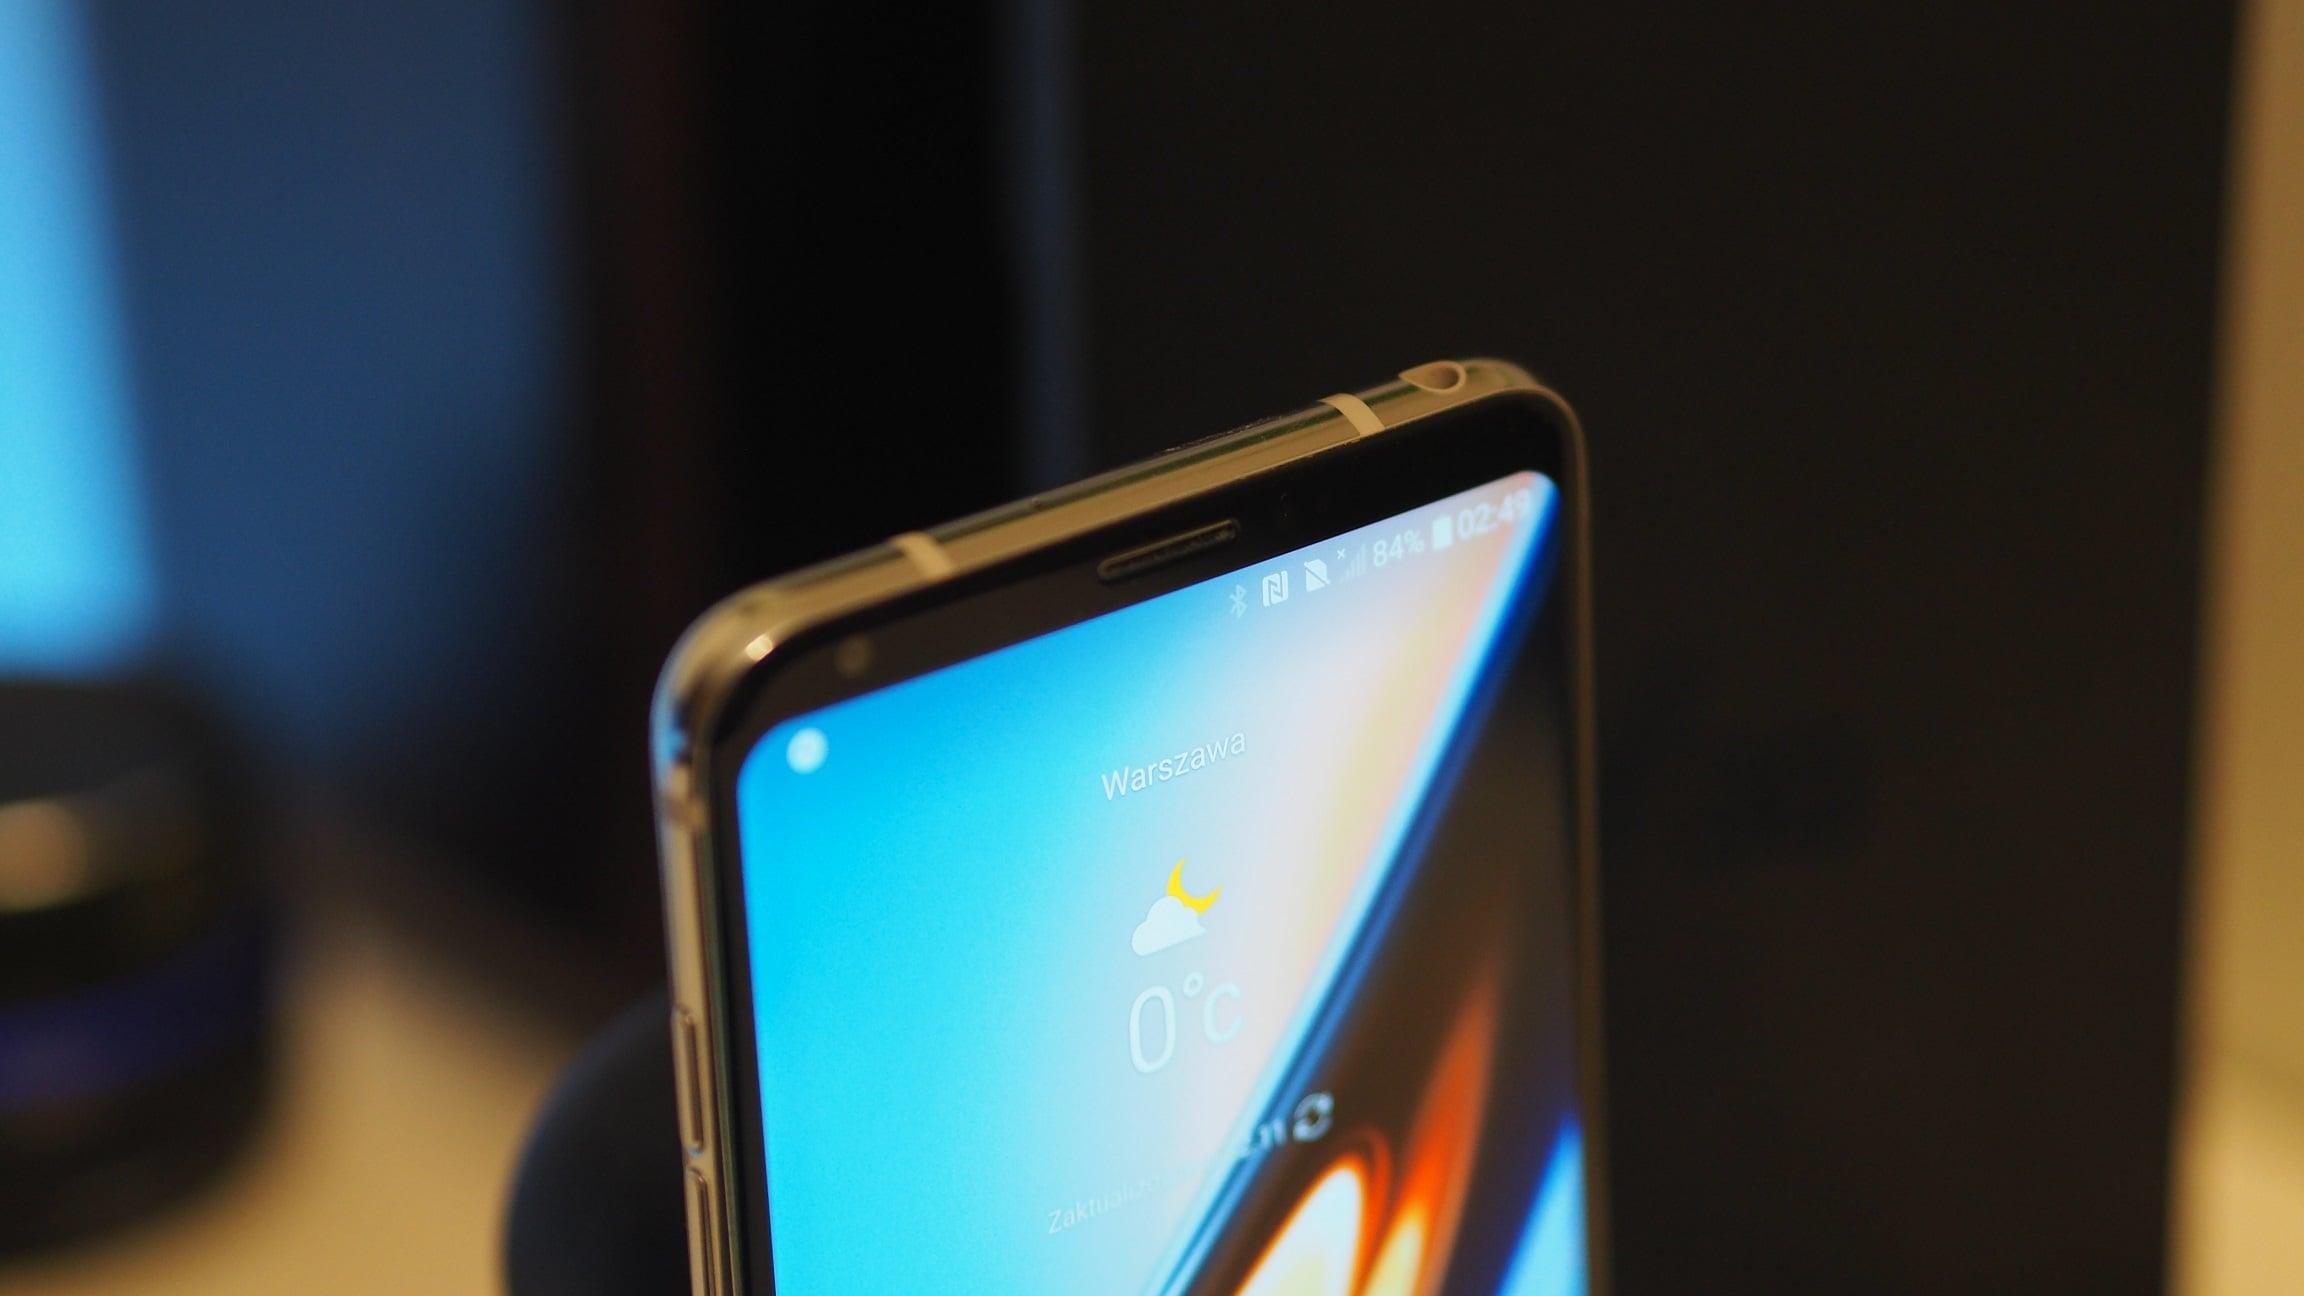 LG V30 po roku używania - czy będę go dobrze wspominać? 67